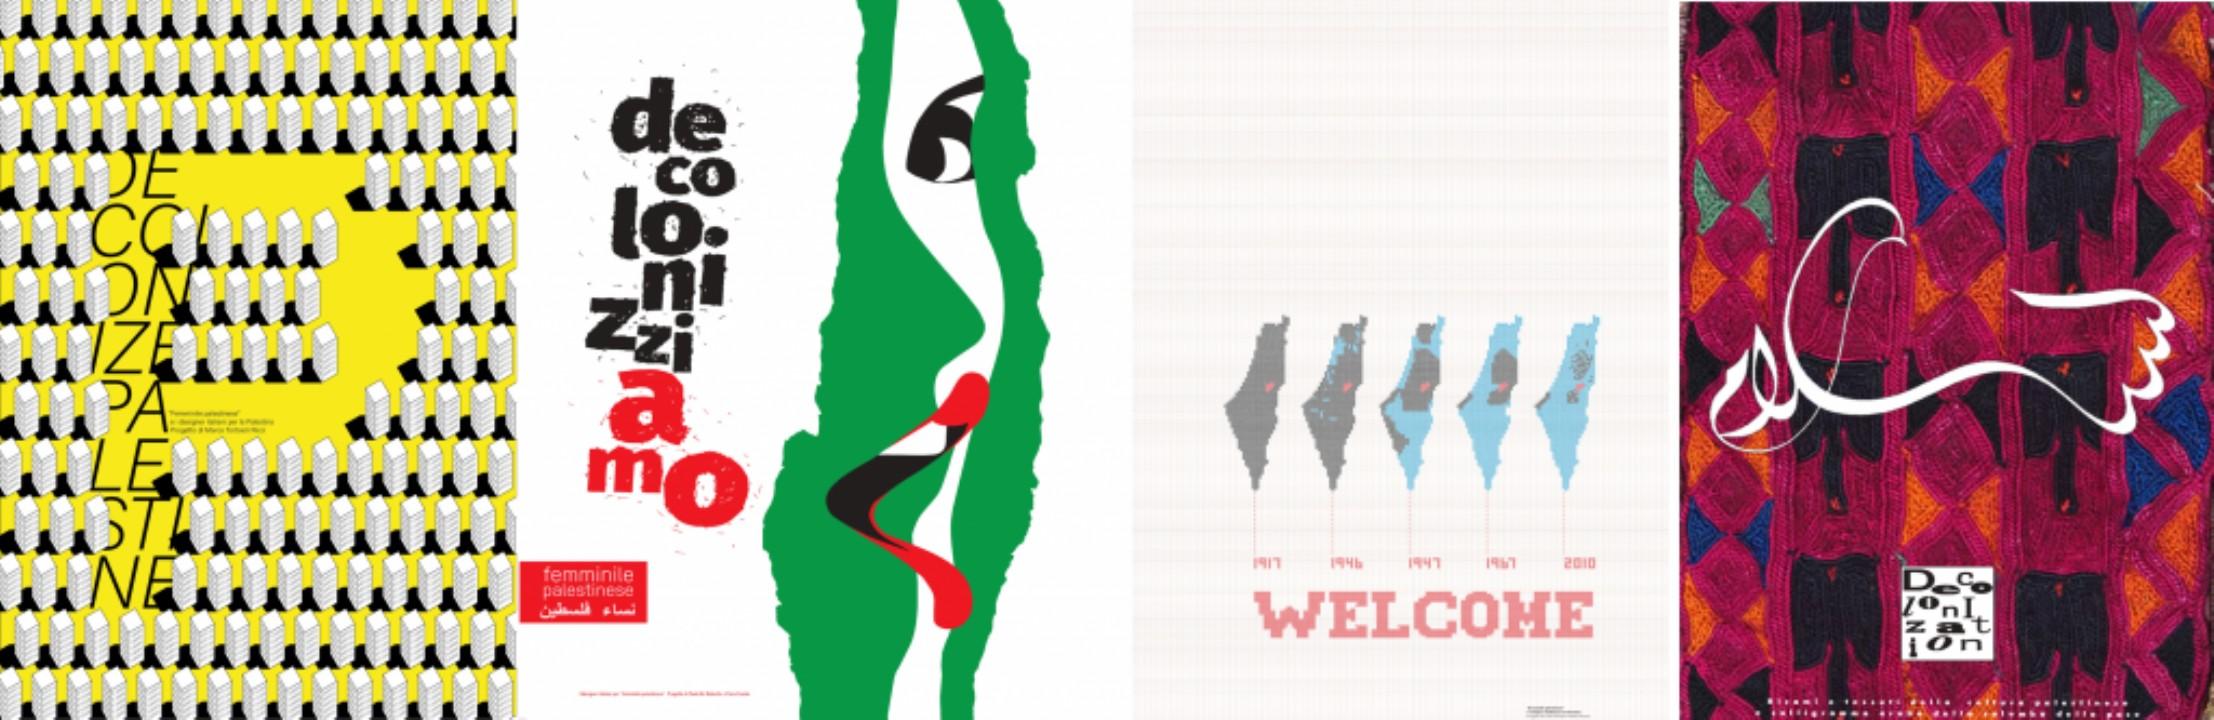 Algunos de los carteles de la exposición: de izquierda a derecha, obras de Marco Tortoioli Ricci, Paolo De Robertis, Cinzia y Monica Ferrara, Geppi De Liso y Lilli Chimienti